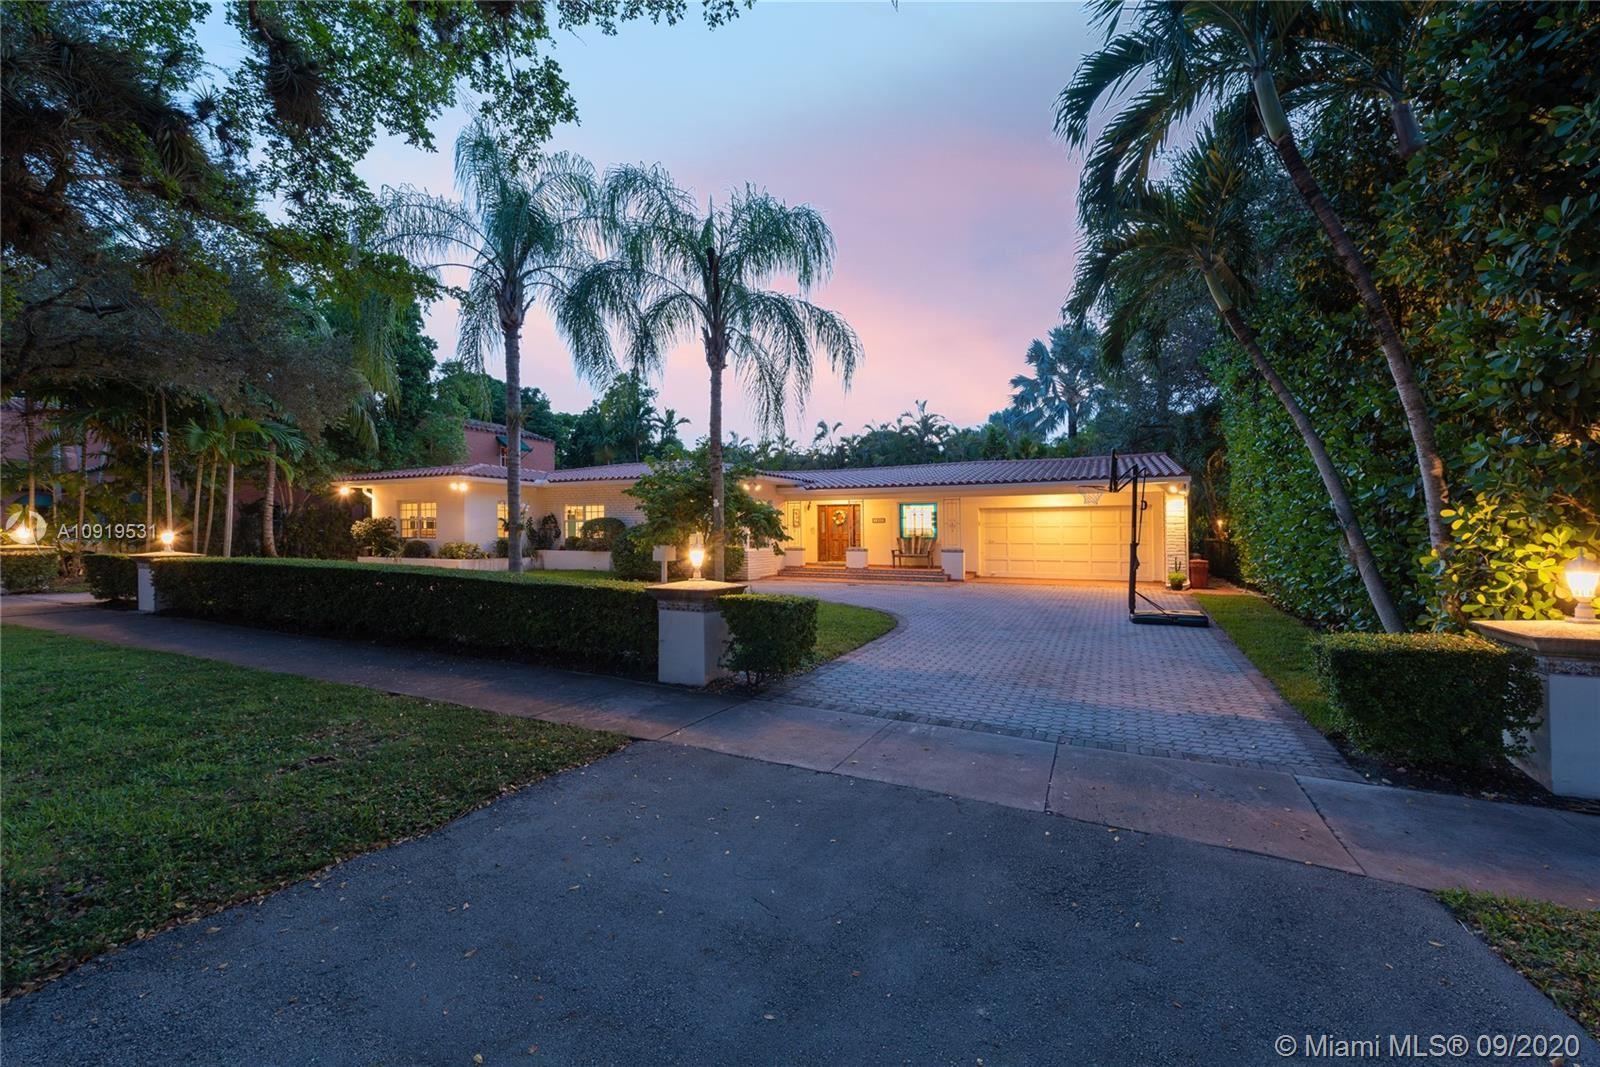 1502 Granada Blvd, Coral Gables, FL 33134 - #: A10919531